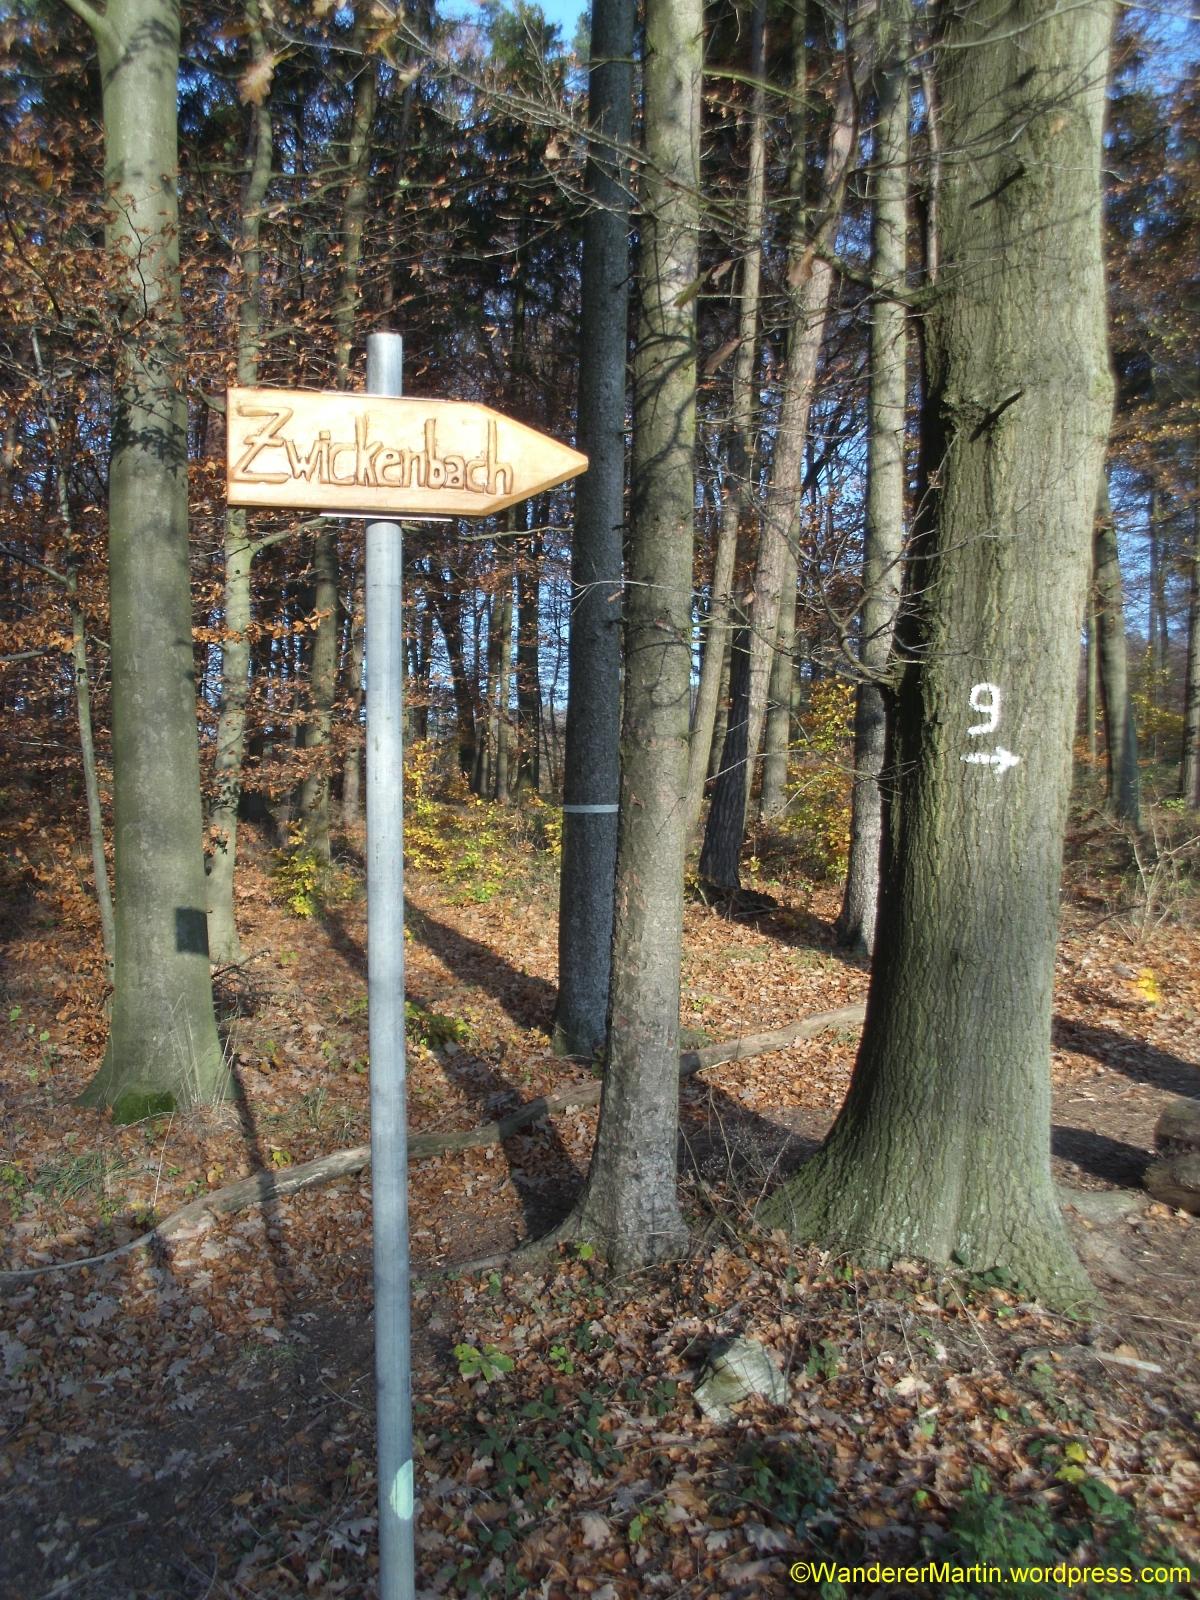 Am Weberhaus, Naturerlebnispfad Zwickenbachtal